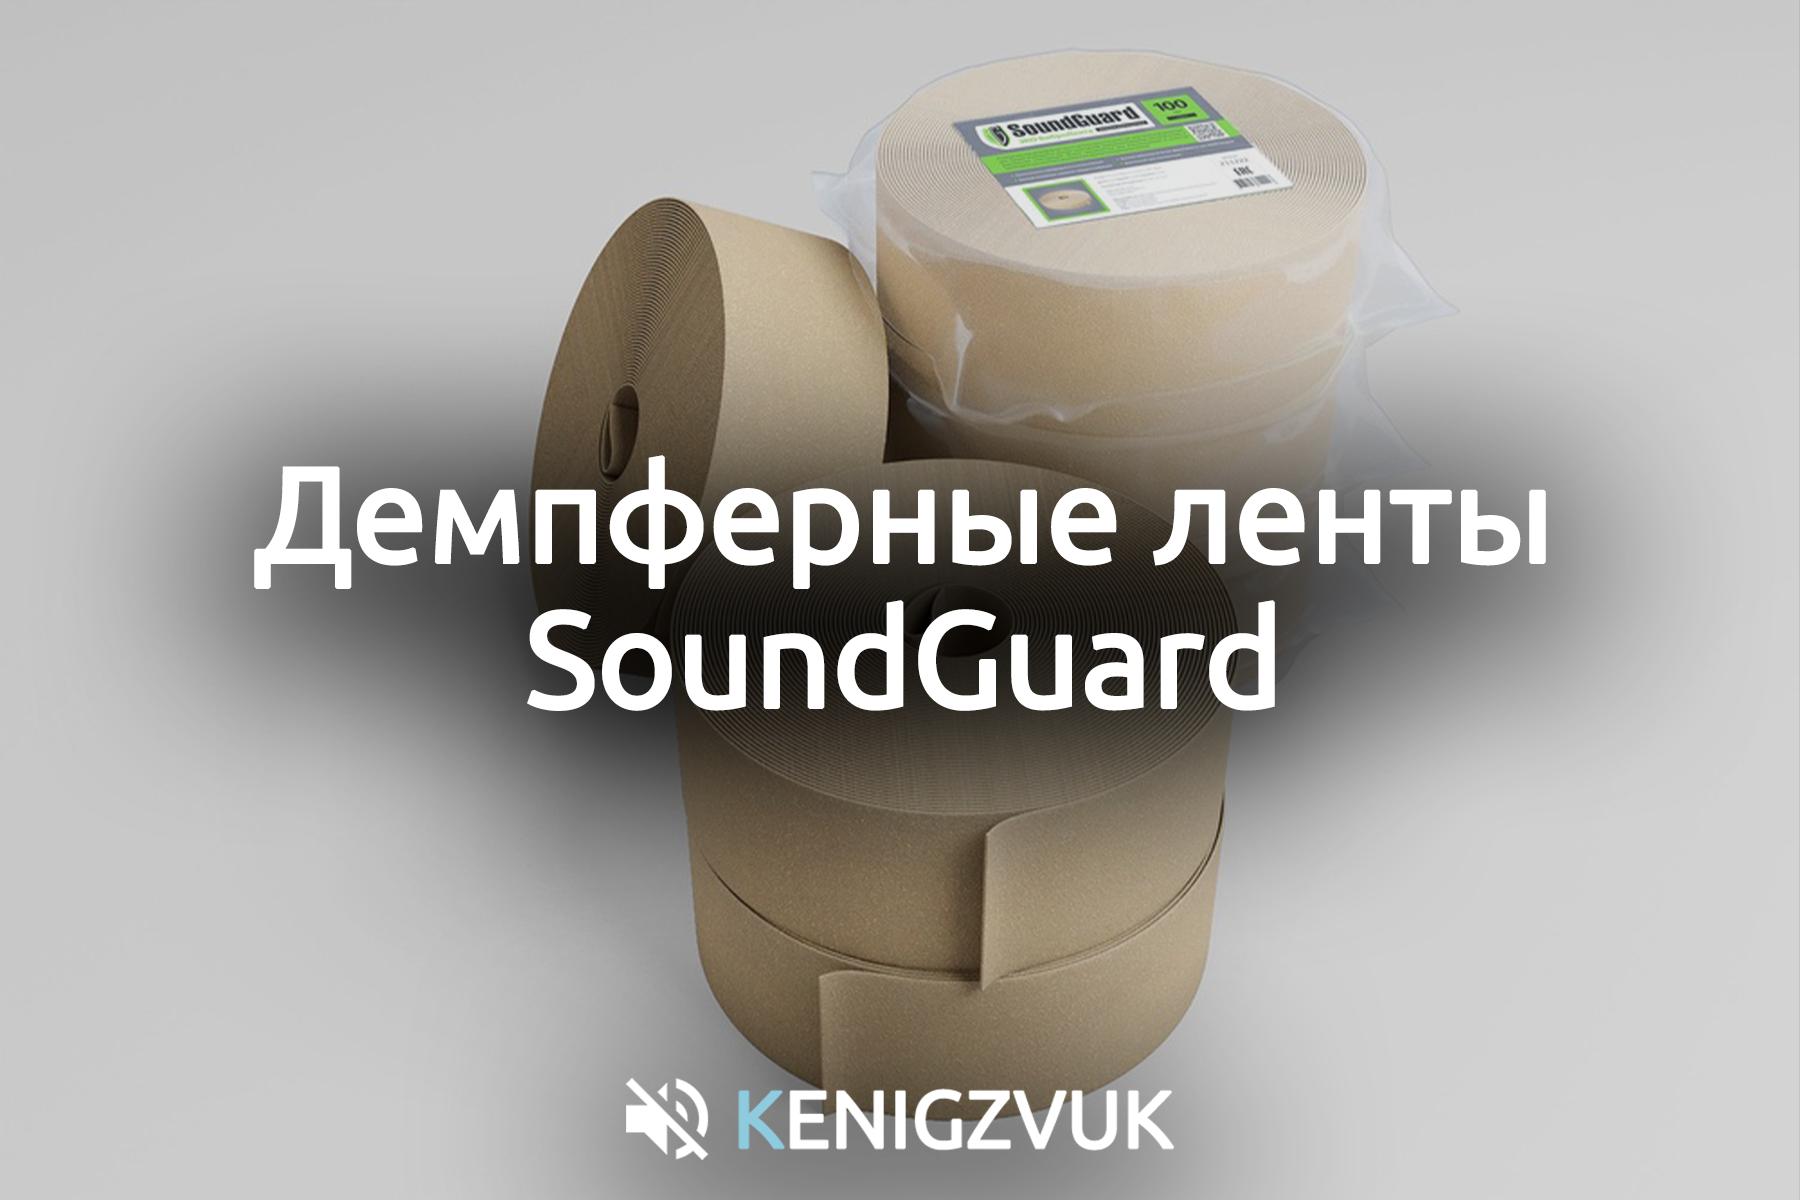 KenigZvuk | Звукоизоляция Калининград - Демпферные ленты SoundGuard